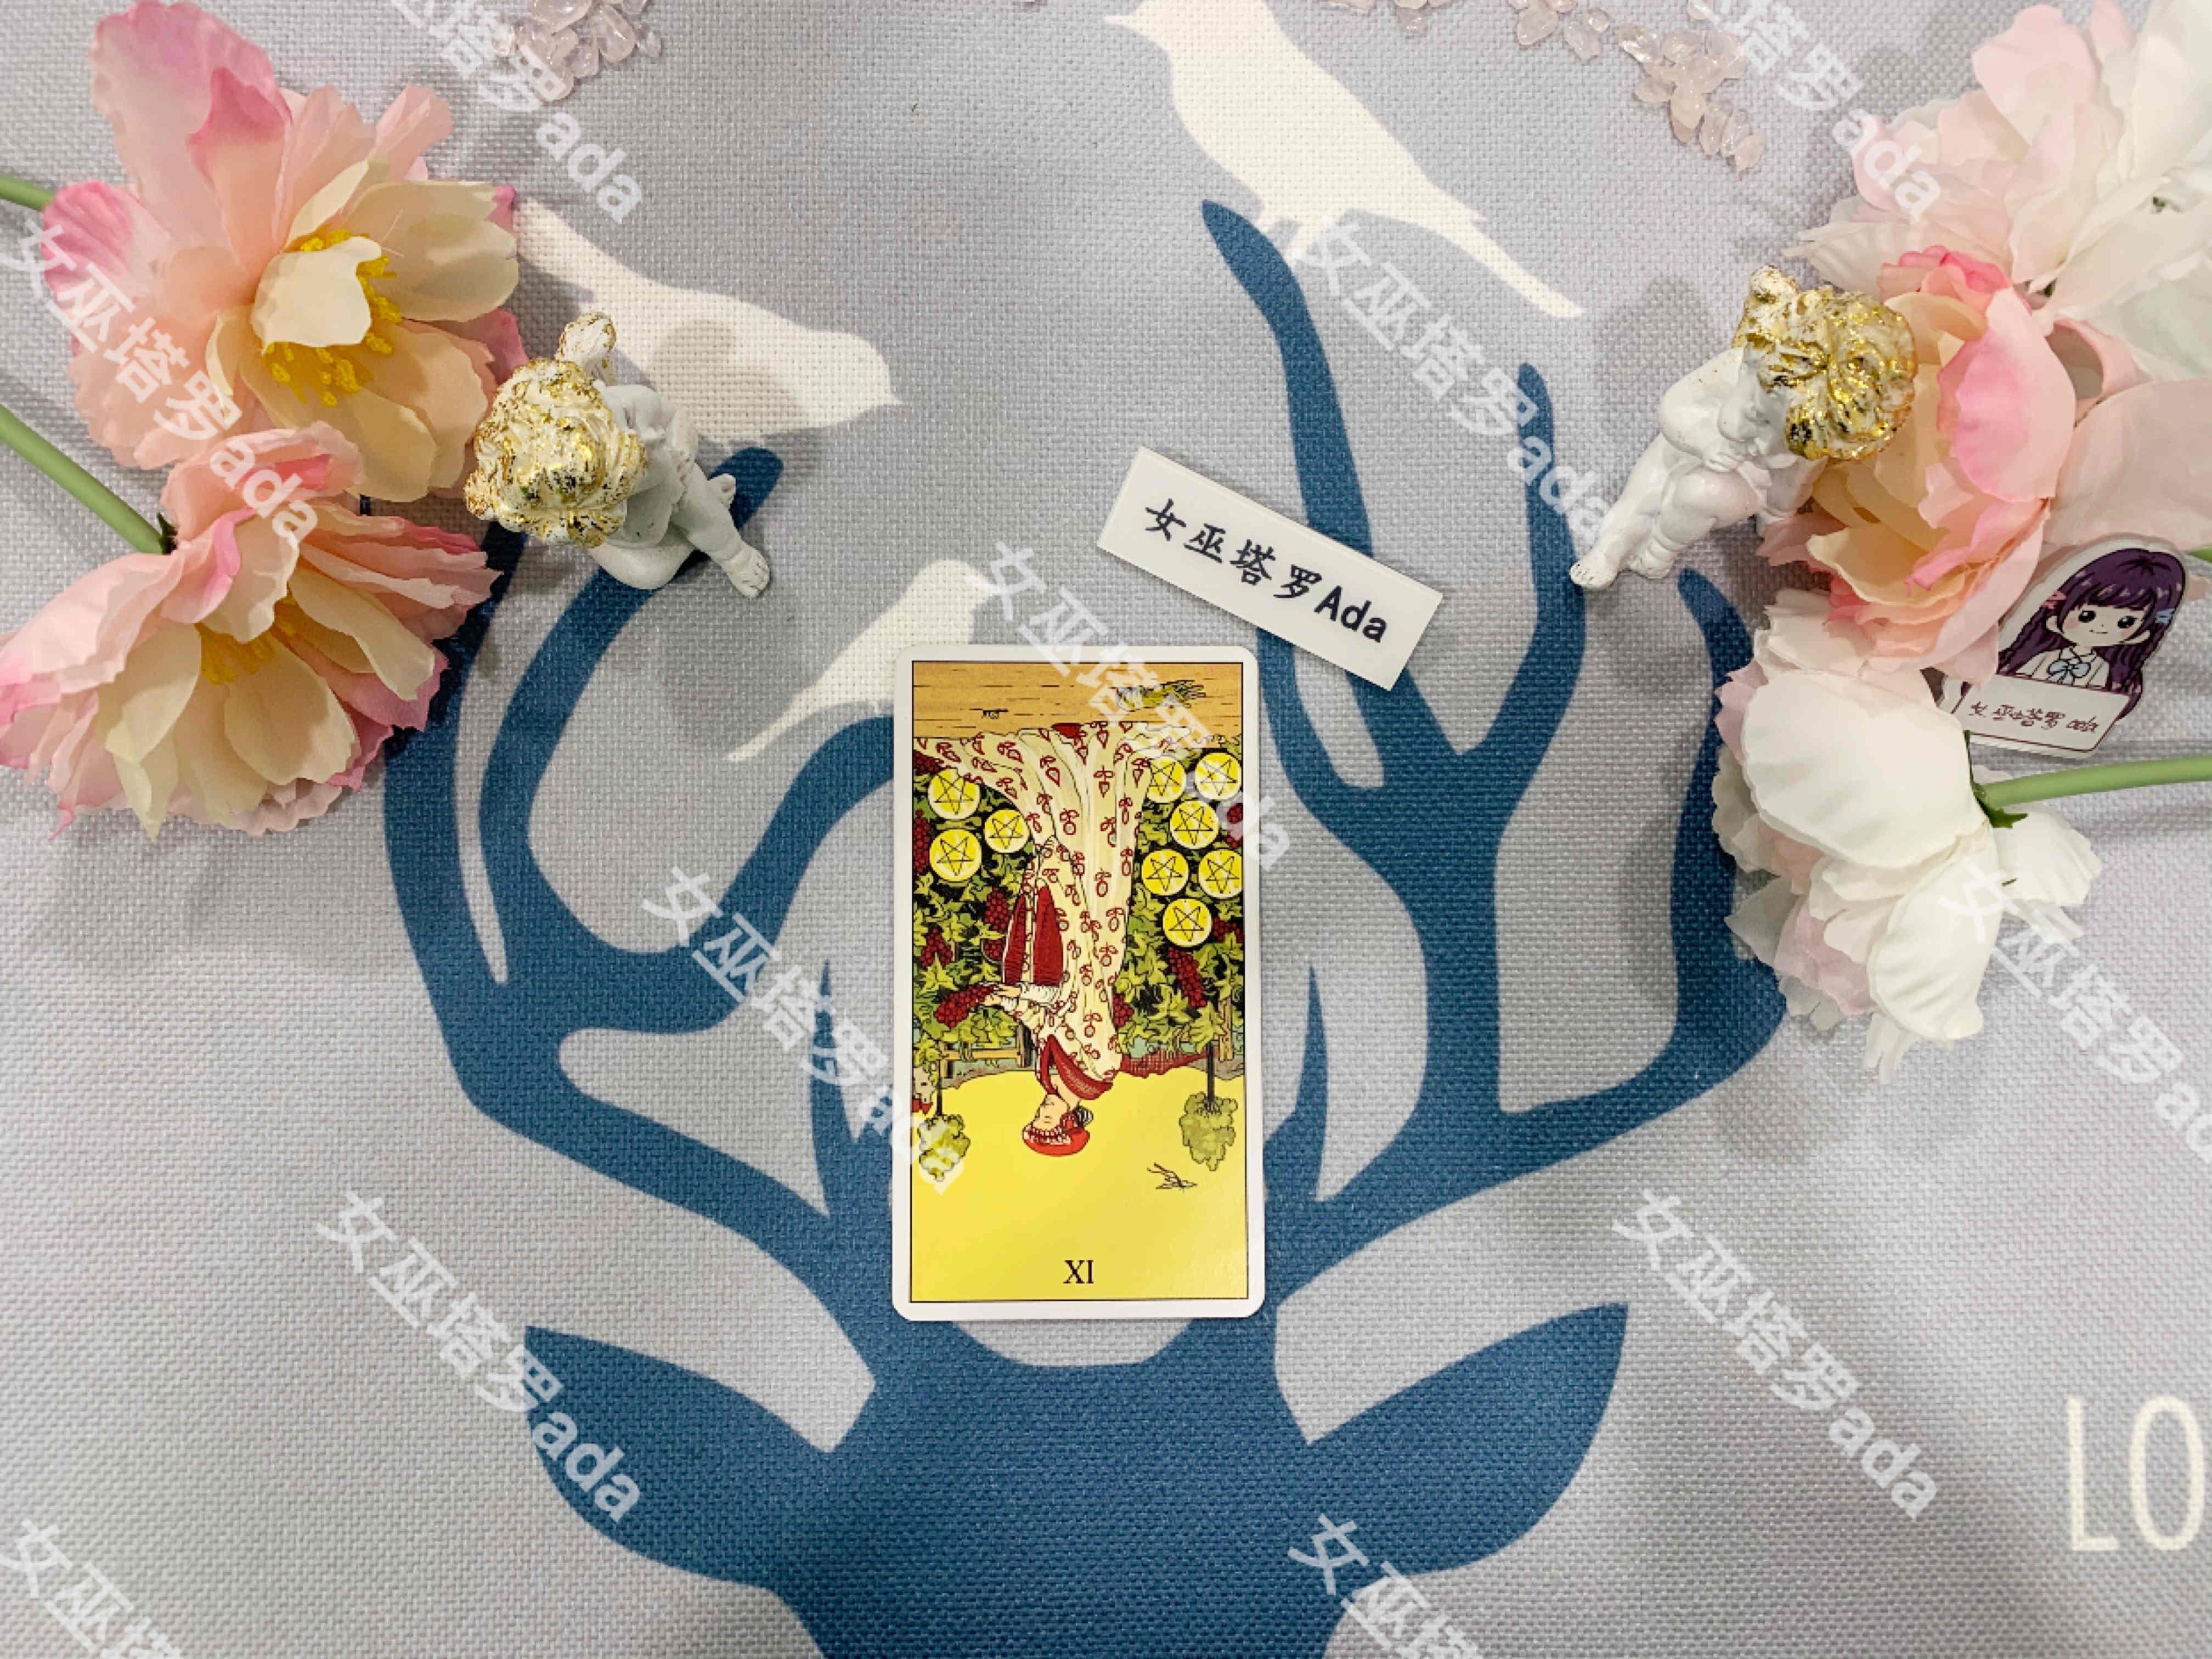 塔罗巨蟹座2021年6月运势:新的契机桃花朵朵开!